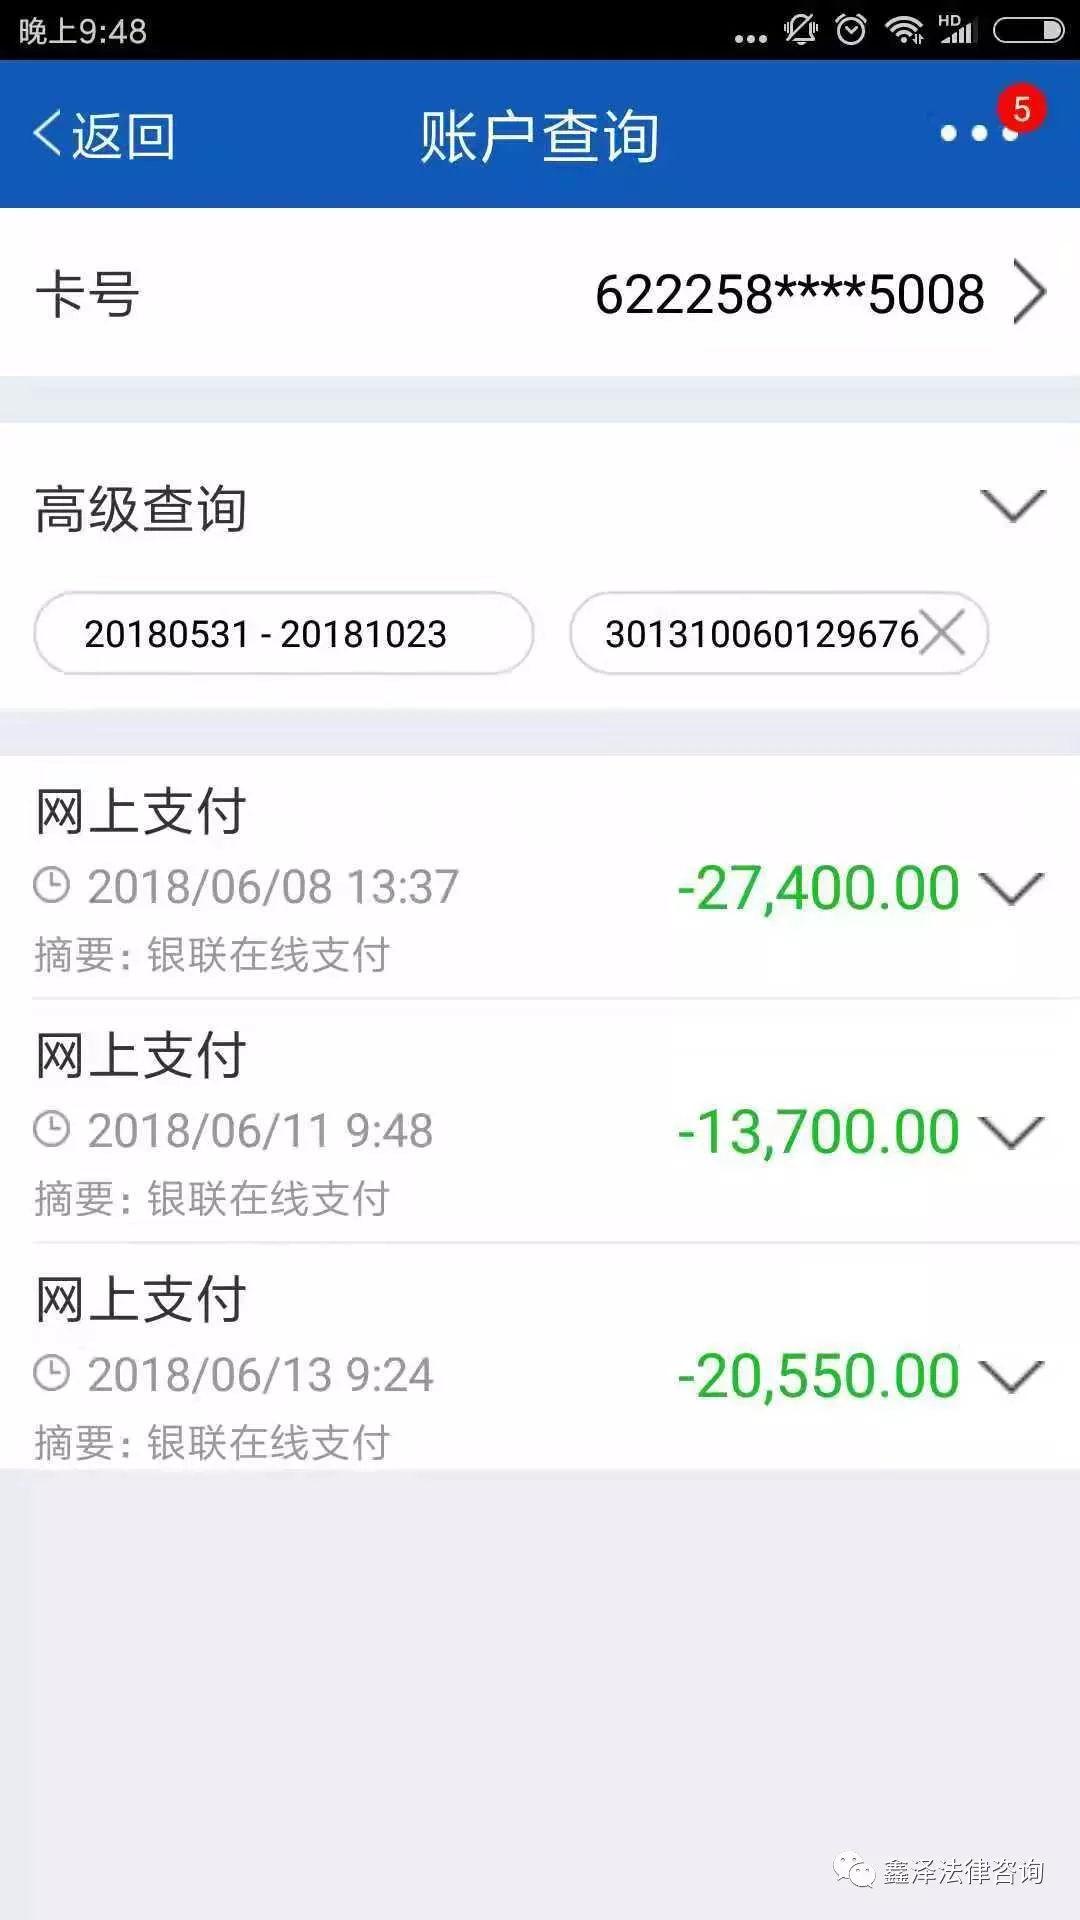 曝光!香港恒利金业骗局欺诈投资者,被骗抓紧时间维权